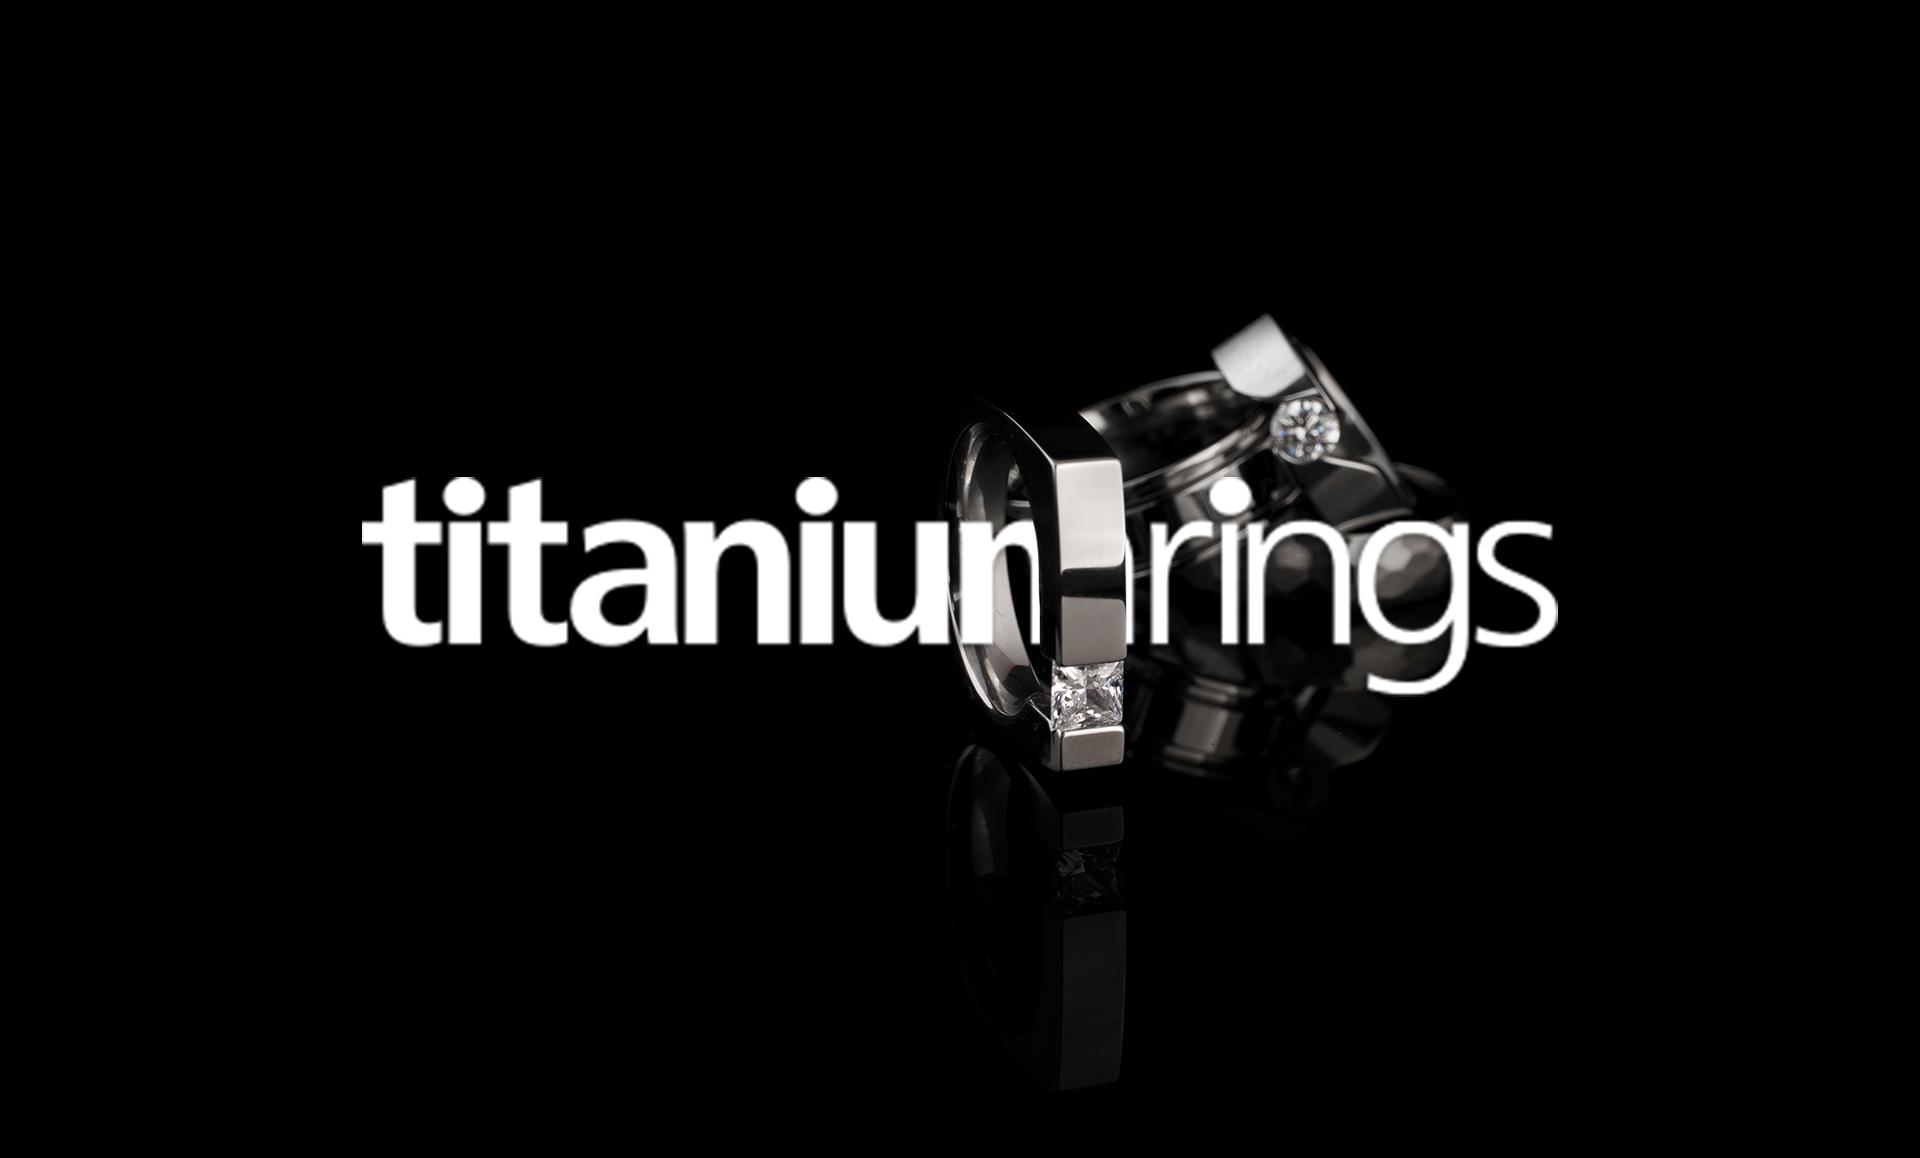 Read more on Titanium Rings